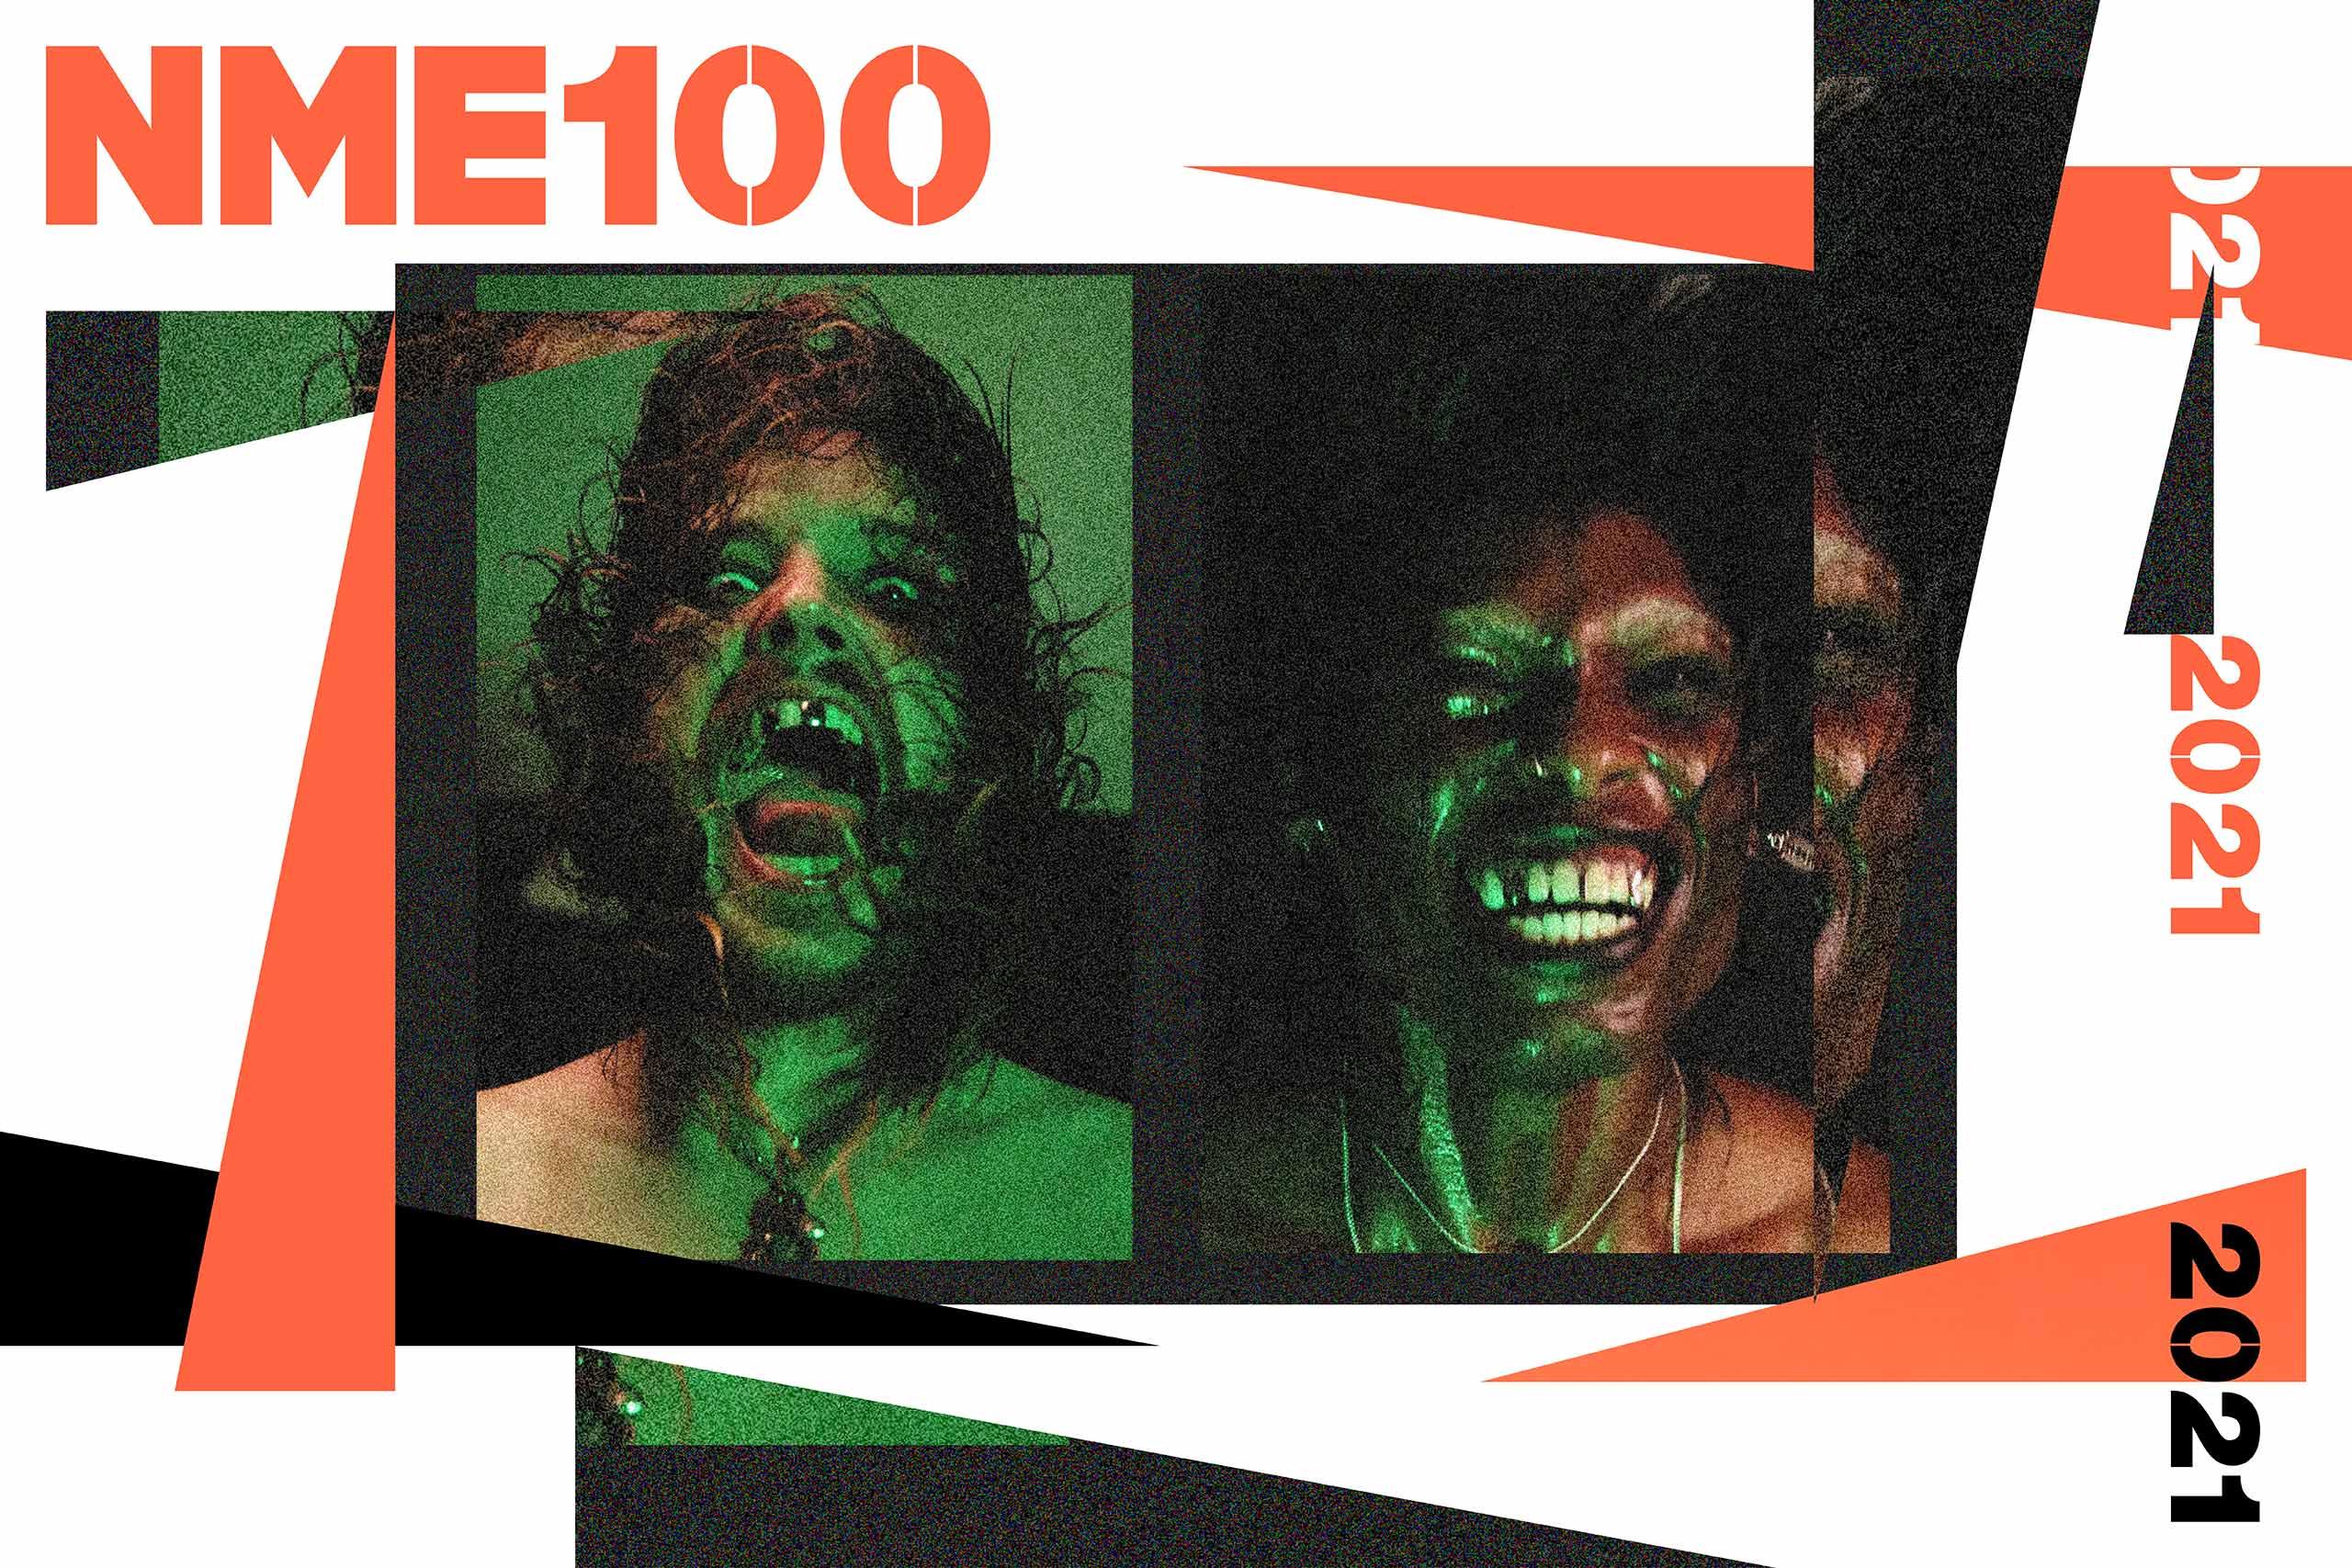 NME 100 death tour